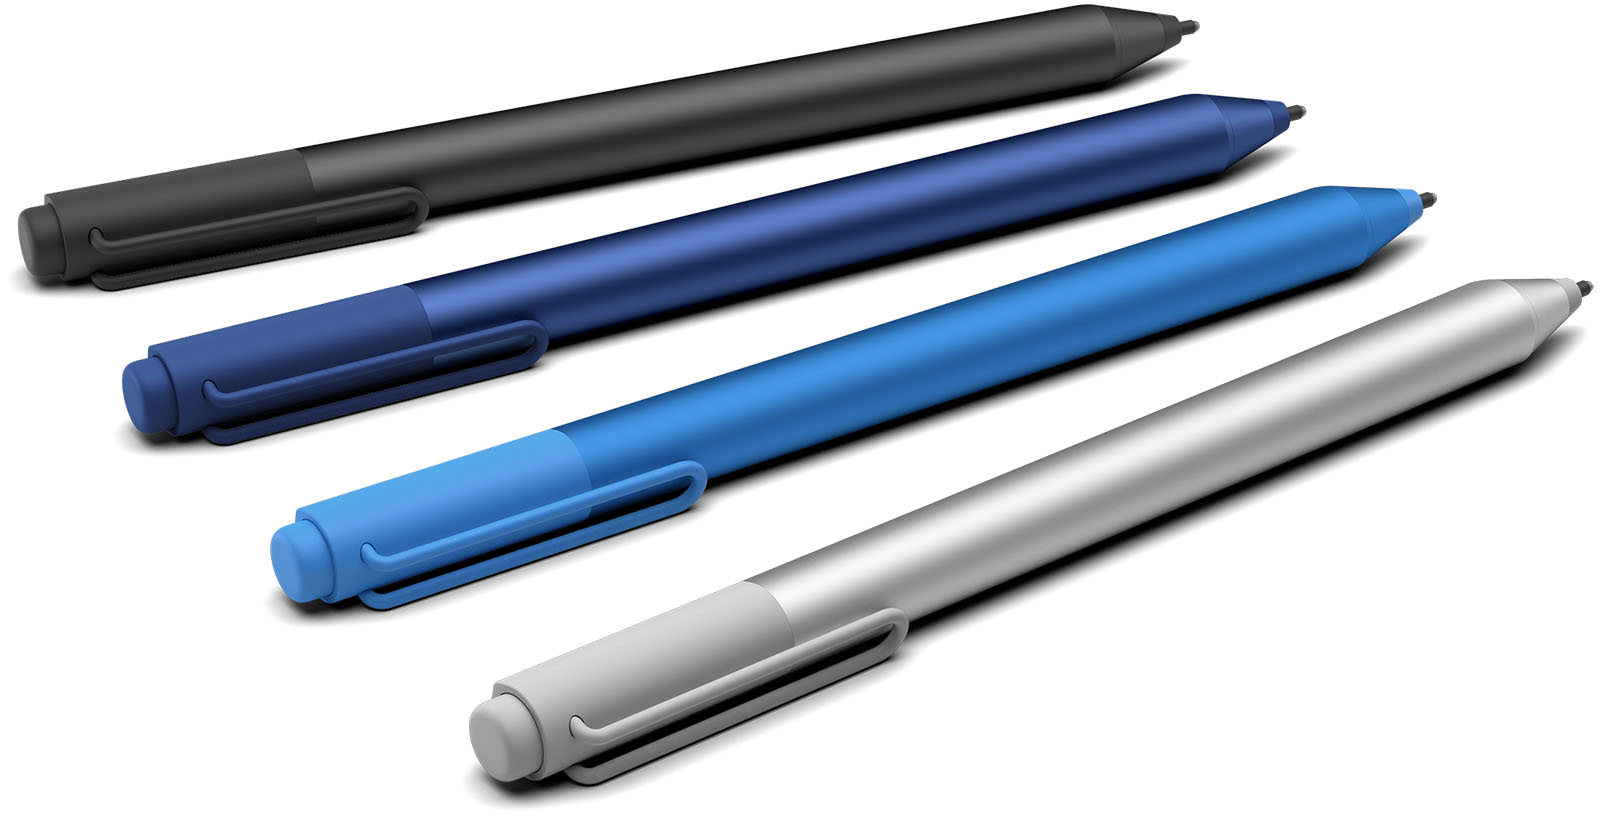 Surface Pen Colors